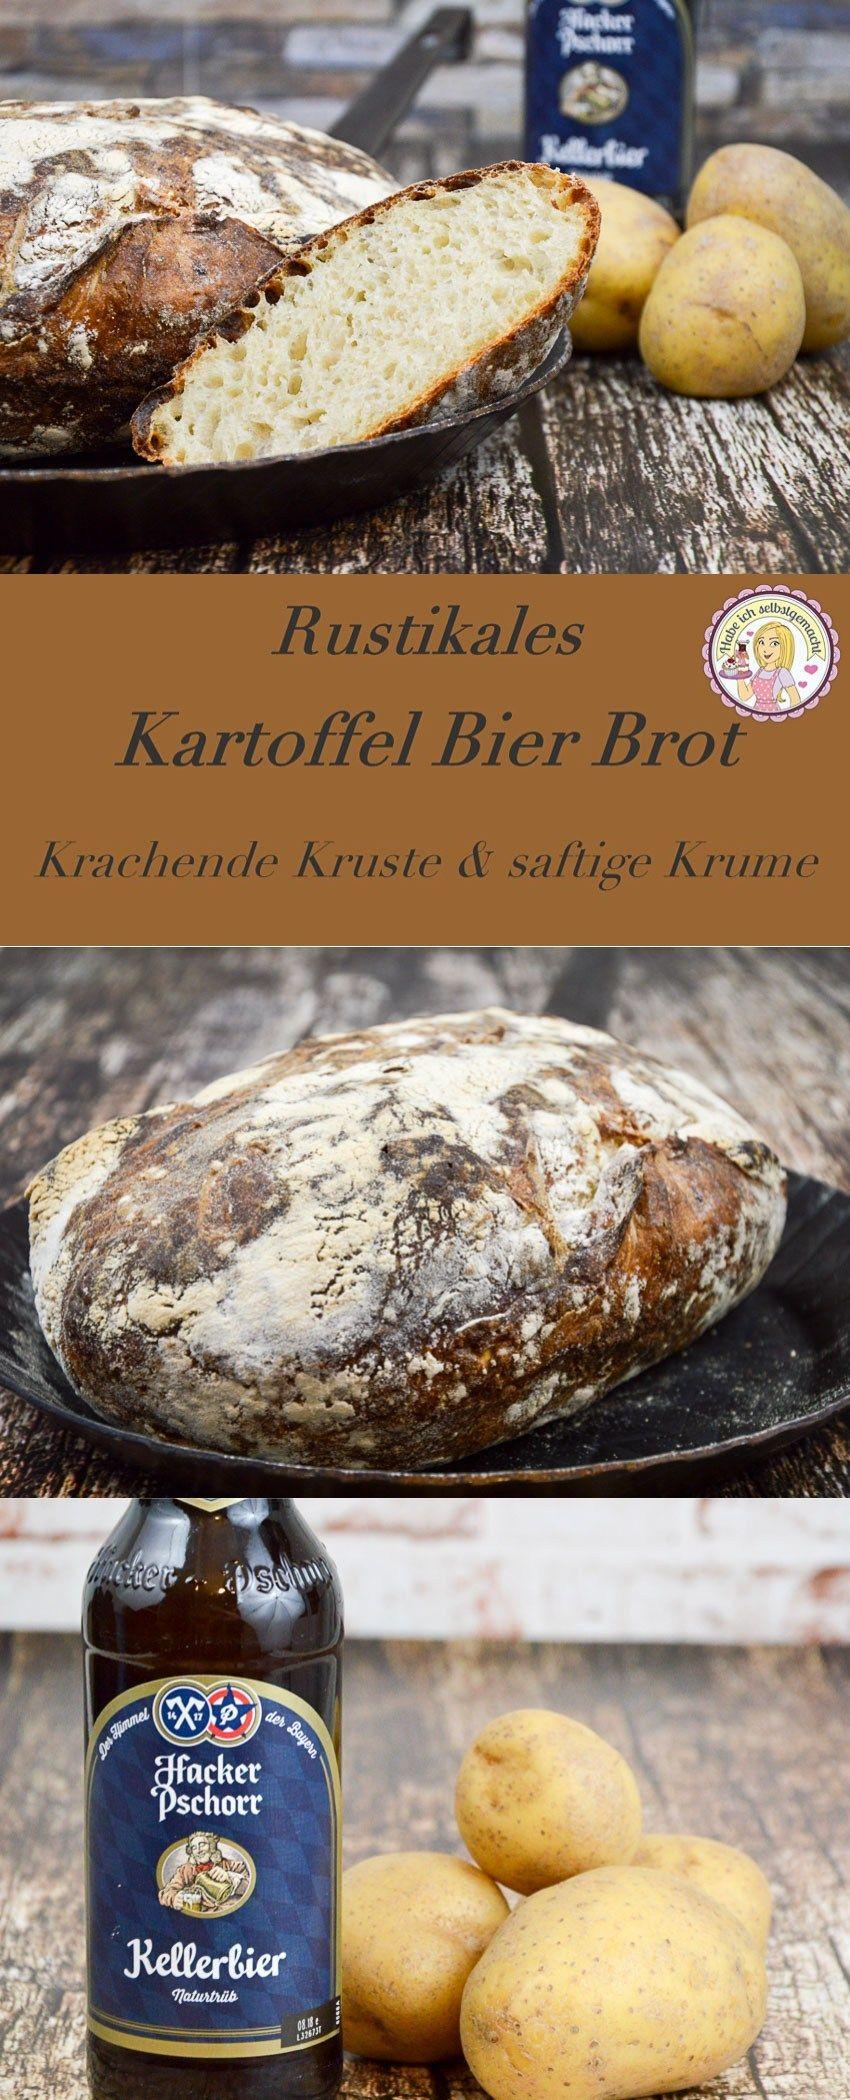 Brot #1 Kartoffel Bier Brot mit gekochten Kartoffeln